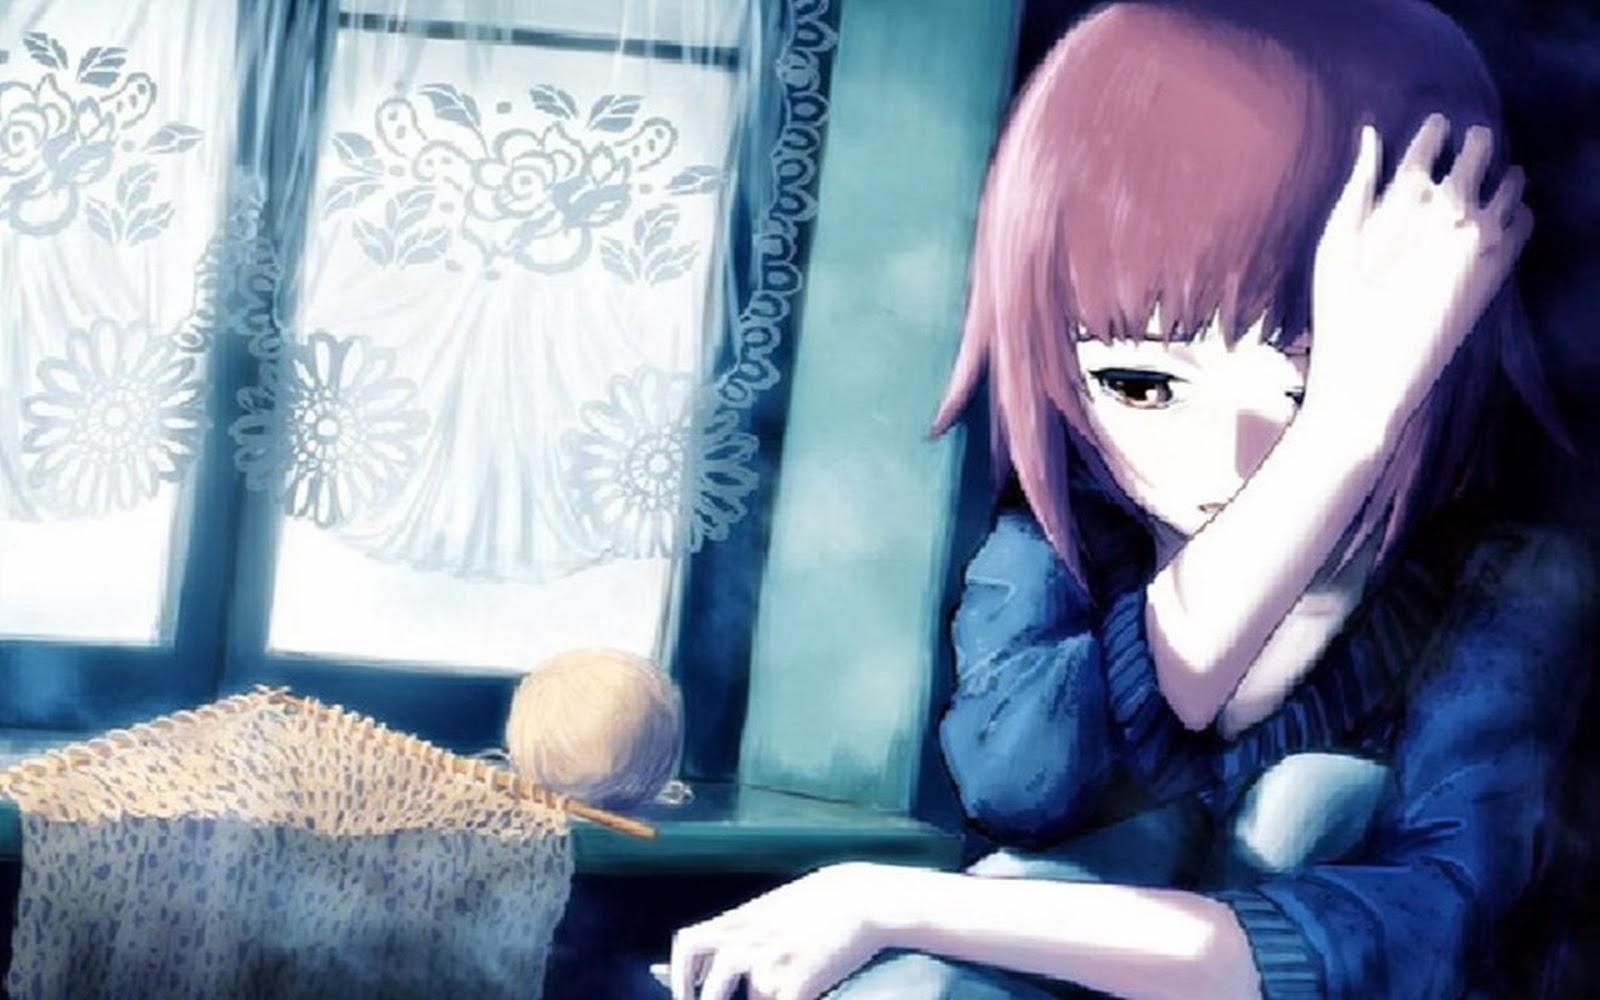 Sad Anime Girl Wallpapers Top Free Sad Anime Girl Backgrounds